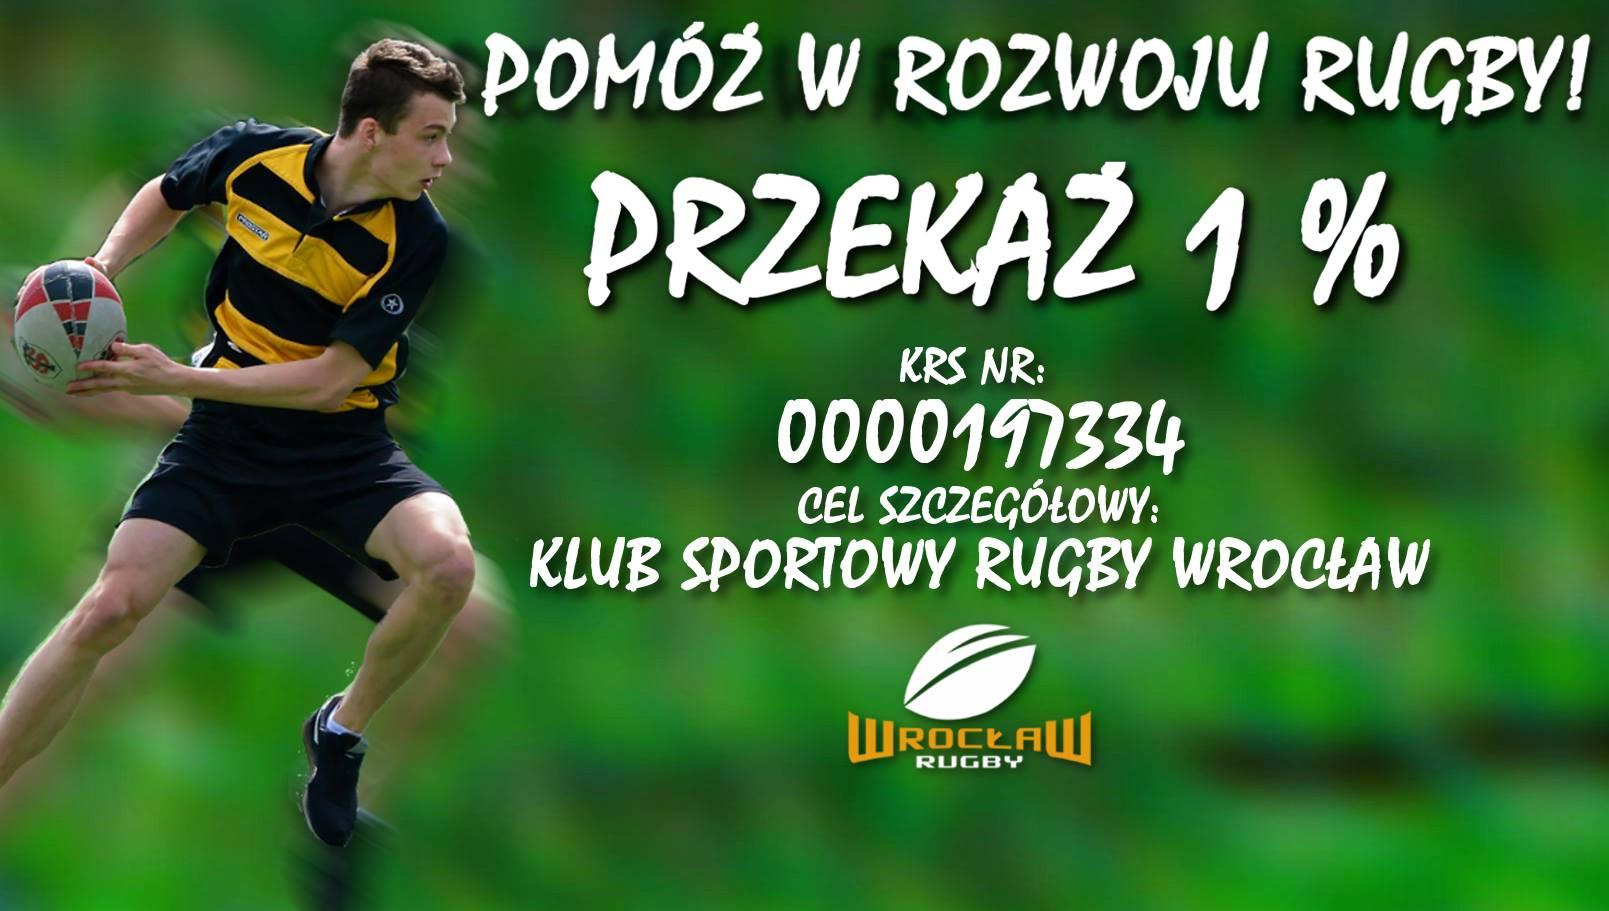 Pomóż w rozwoju rugby! Podaruj 1%!